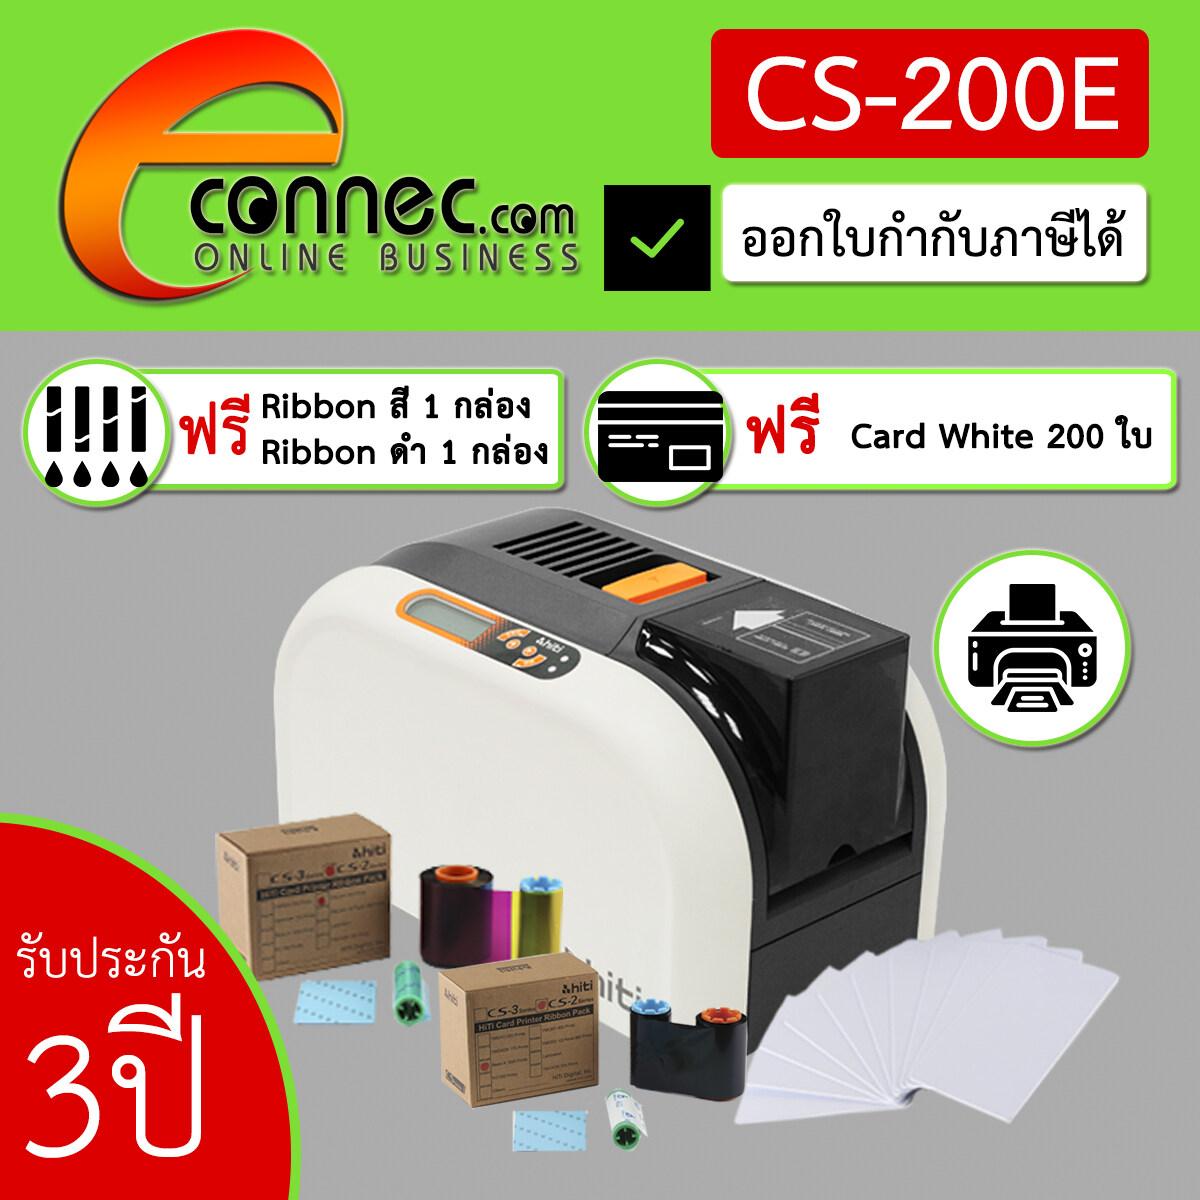 Hiti Cs-200e เครื่องพิมพ์บัตรพนักงาน บัตรนักเรียน คุณภาพสูง รับประกันคุณภาพ 3 ปี แถมฟรี!! ริบบ้อน Ymcko หมึกสี 1 ม้วน, ริบบ้อนดำ Resin-K 1 ม้วน, บัตร Pvc สีขาว 200 ใบ.